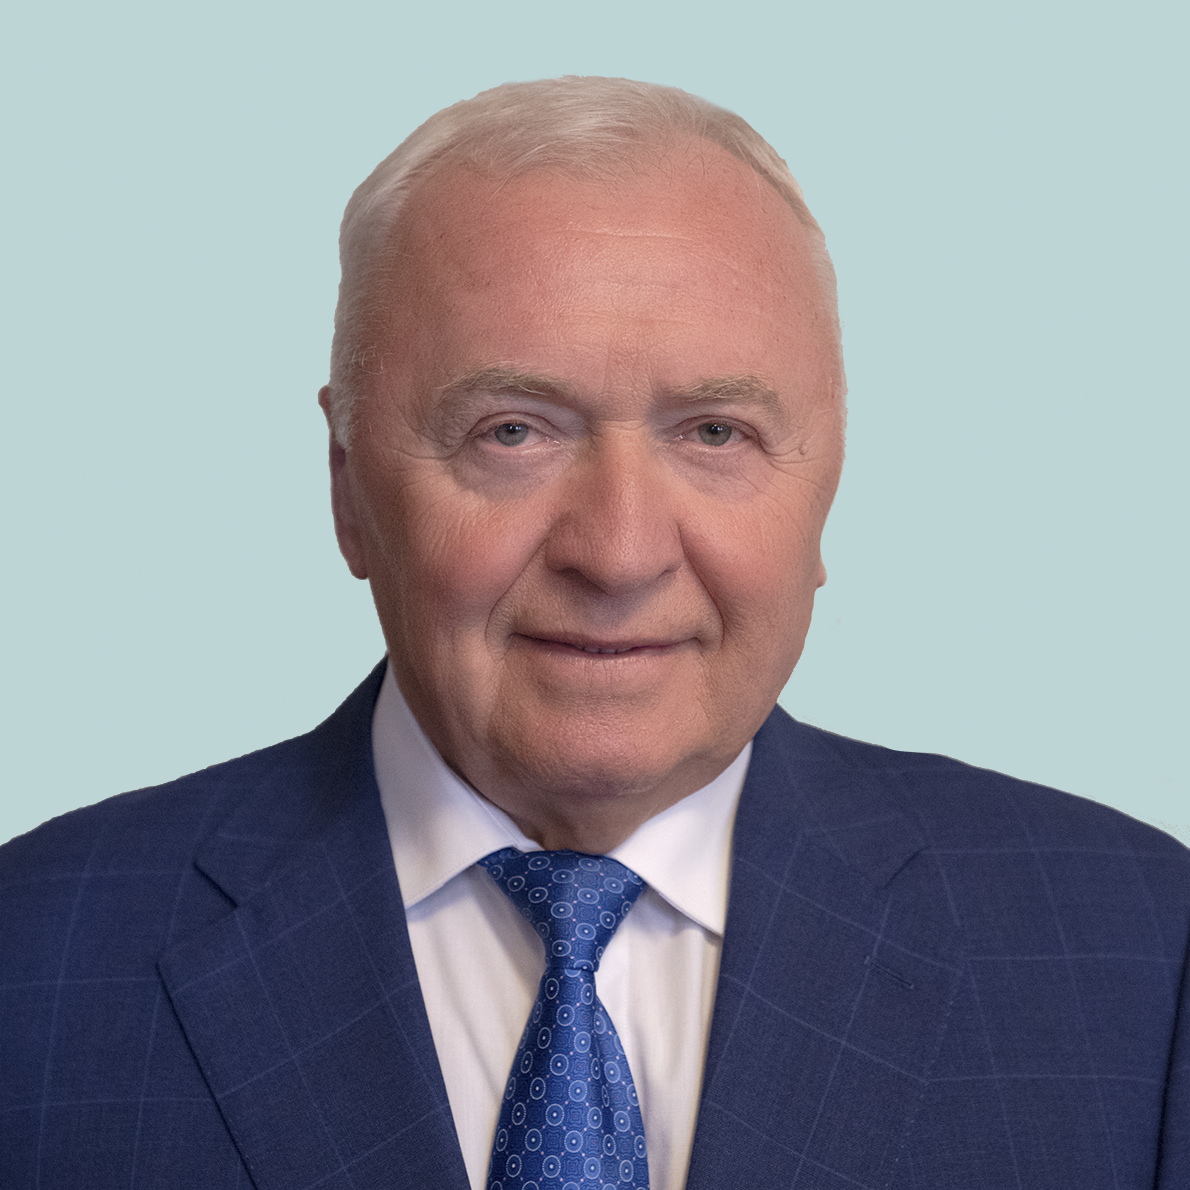 Богомолов Валерий Николаевич